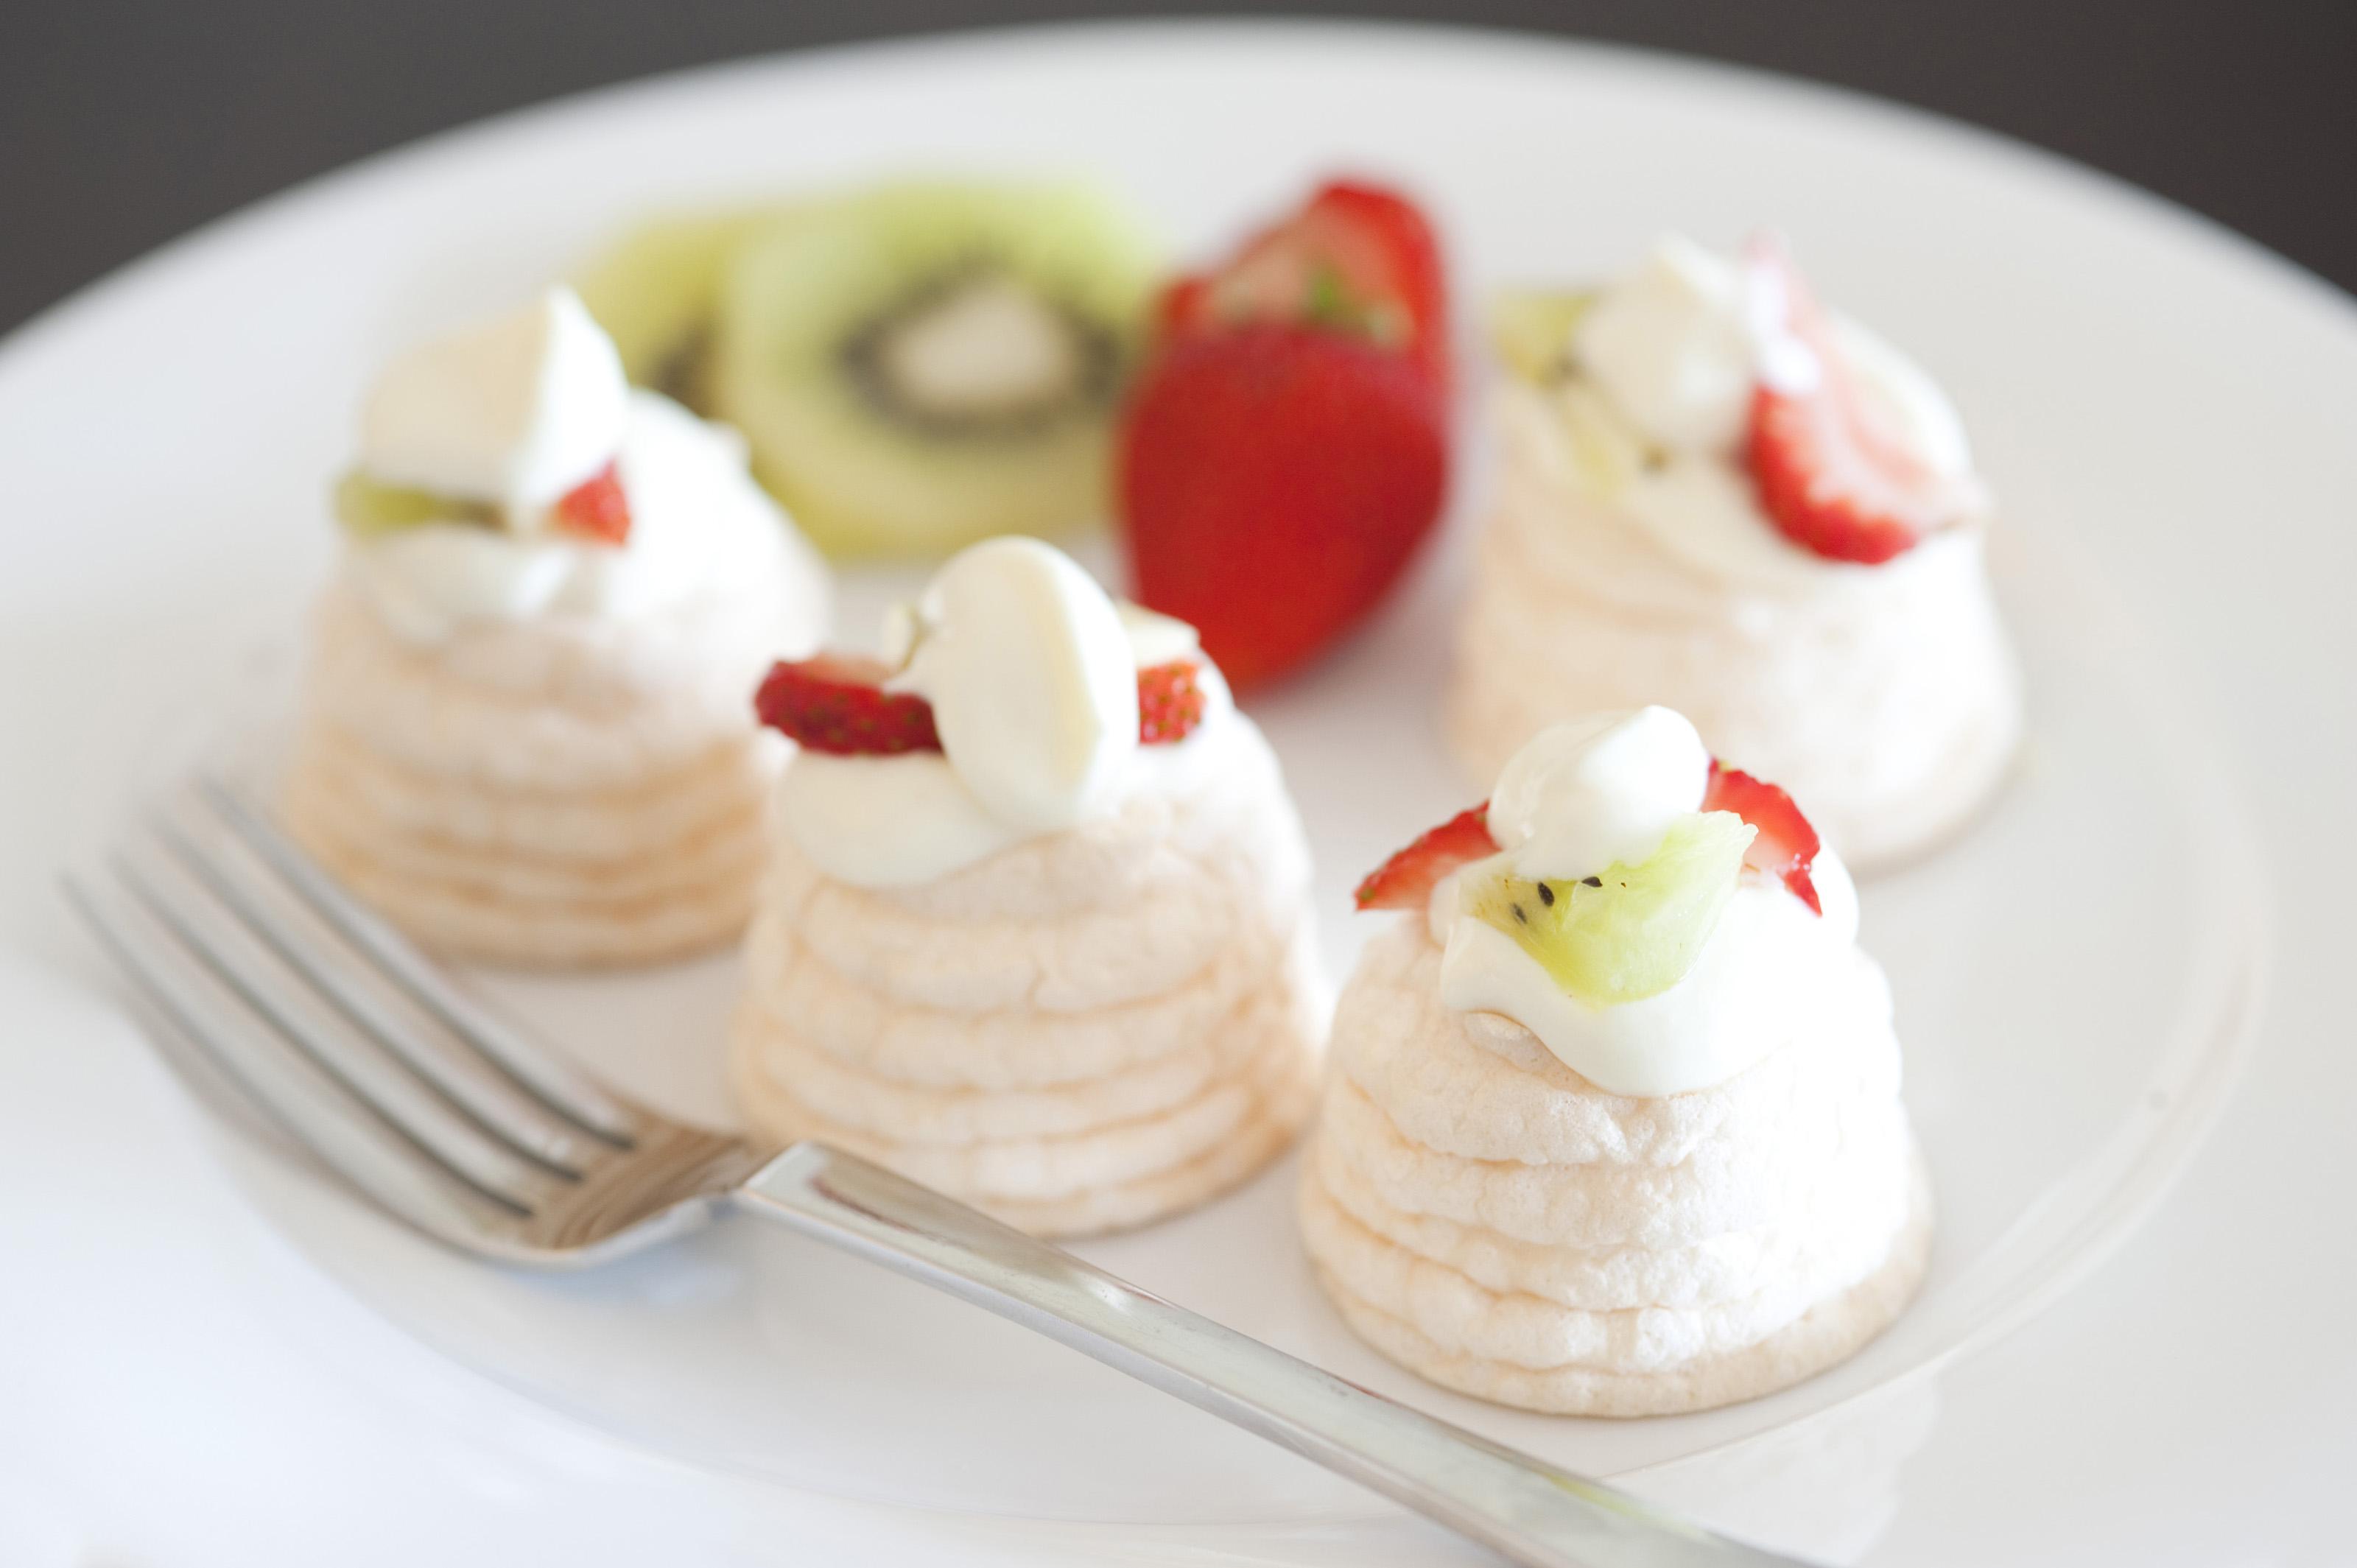 Десерт павлова рецепт от юлии высоцкой